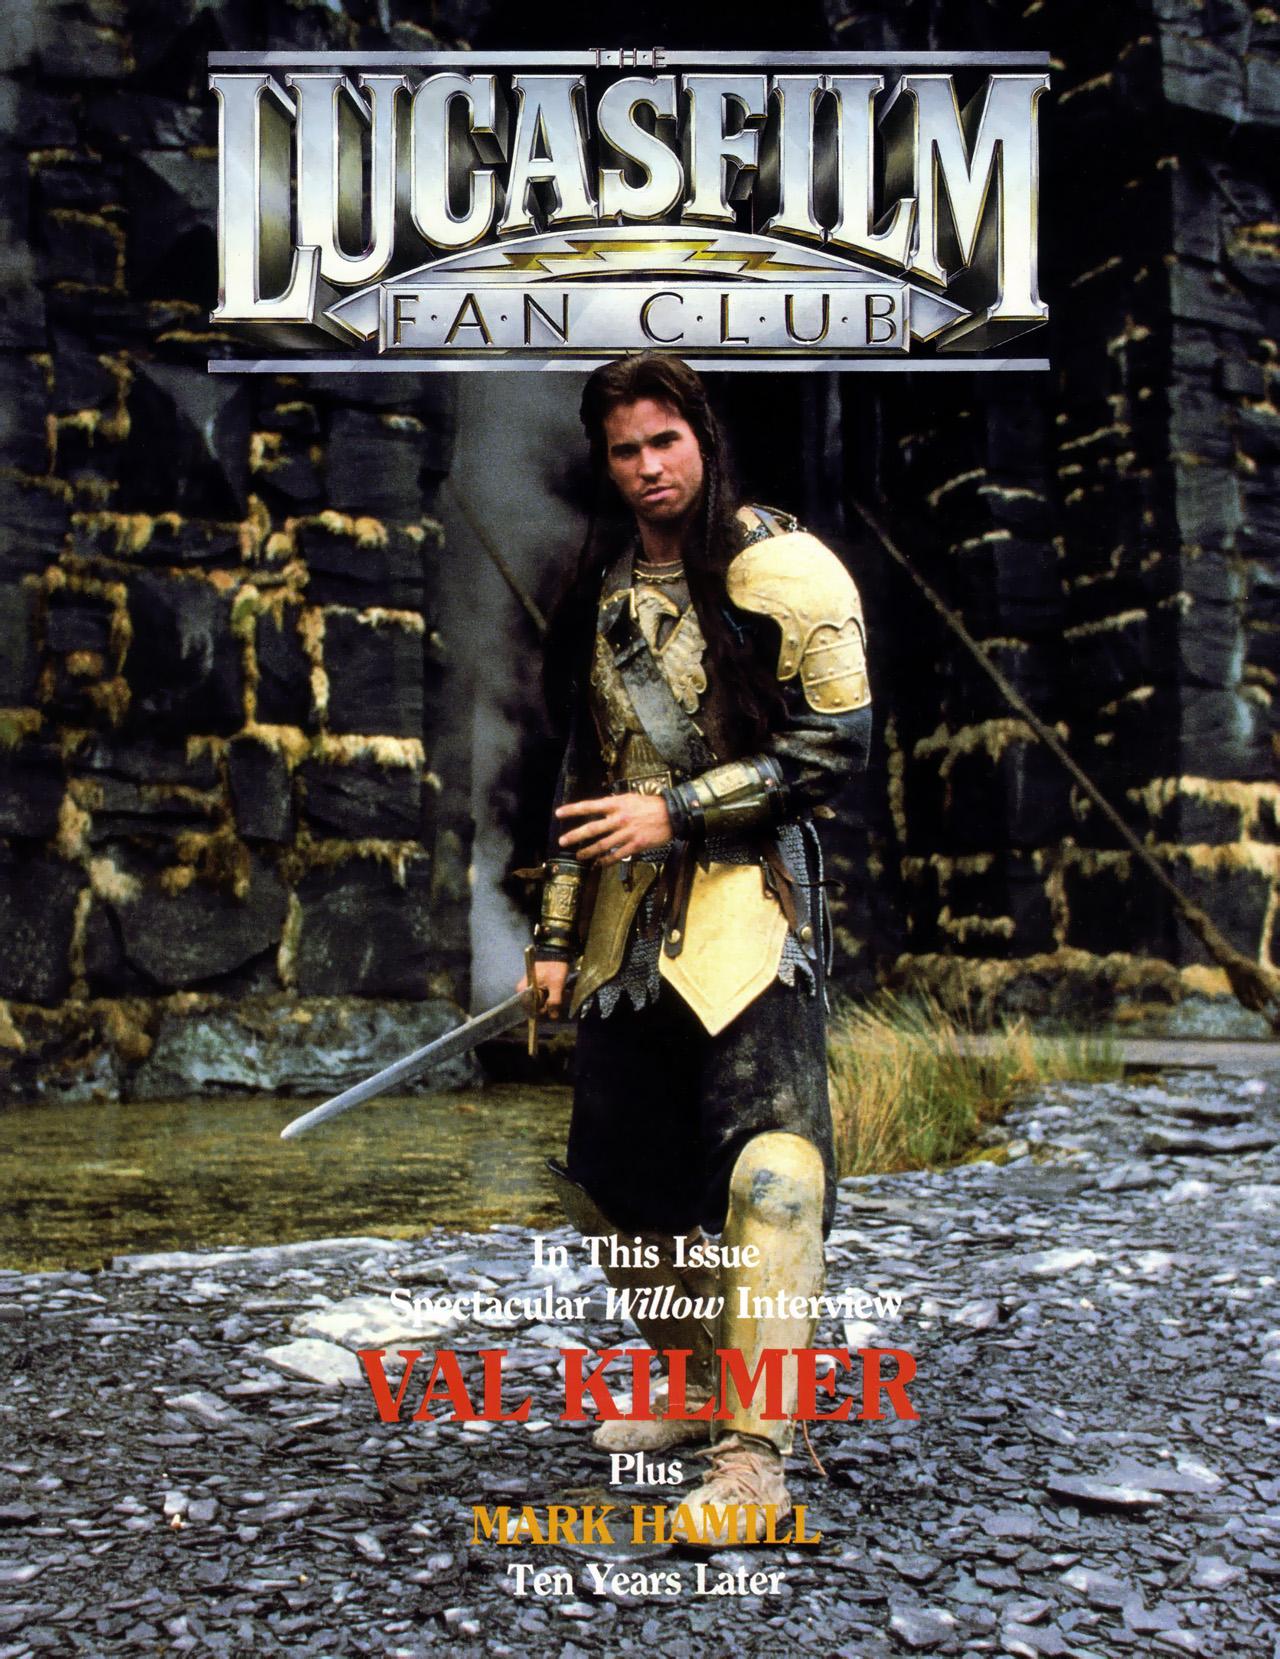 The Lucasfilm Fan Club Magazine 3